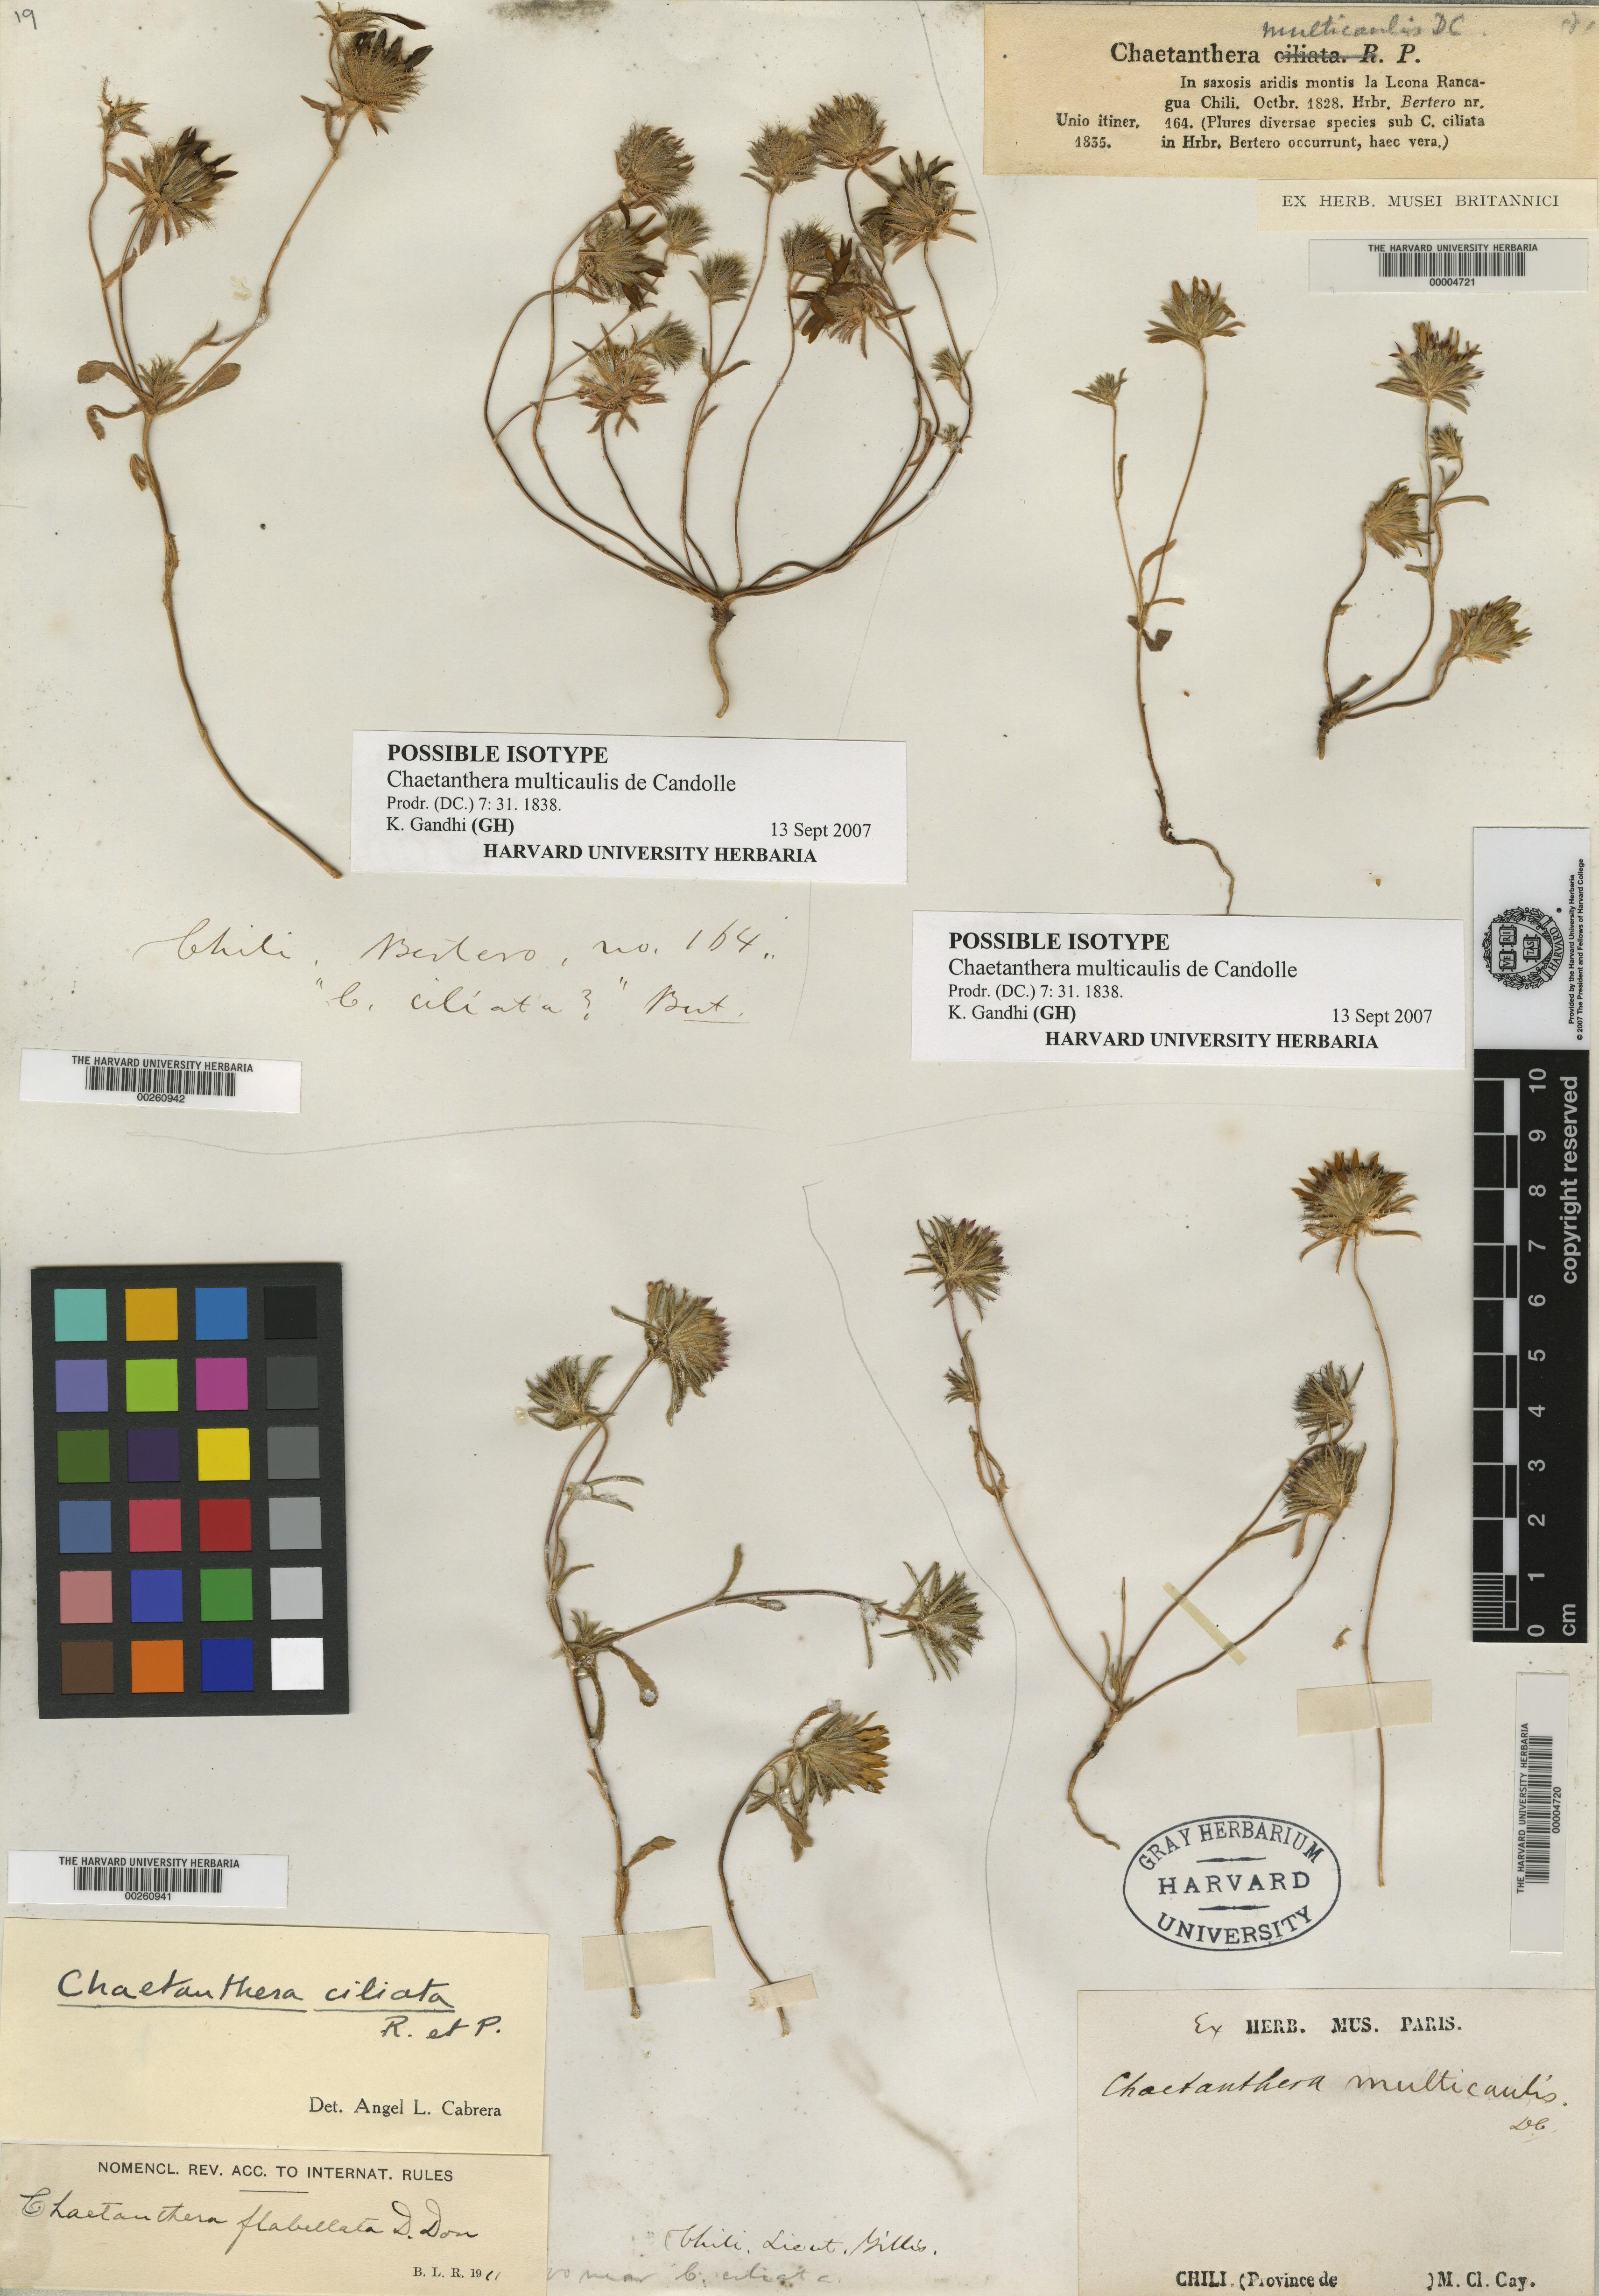 Chaetanthera multicaulis image